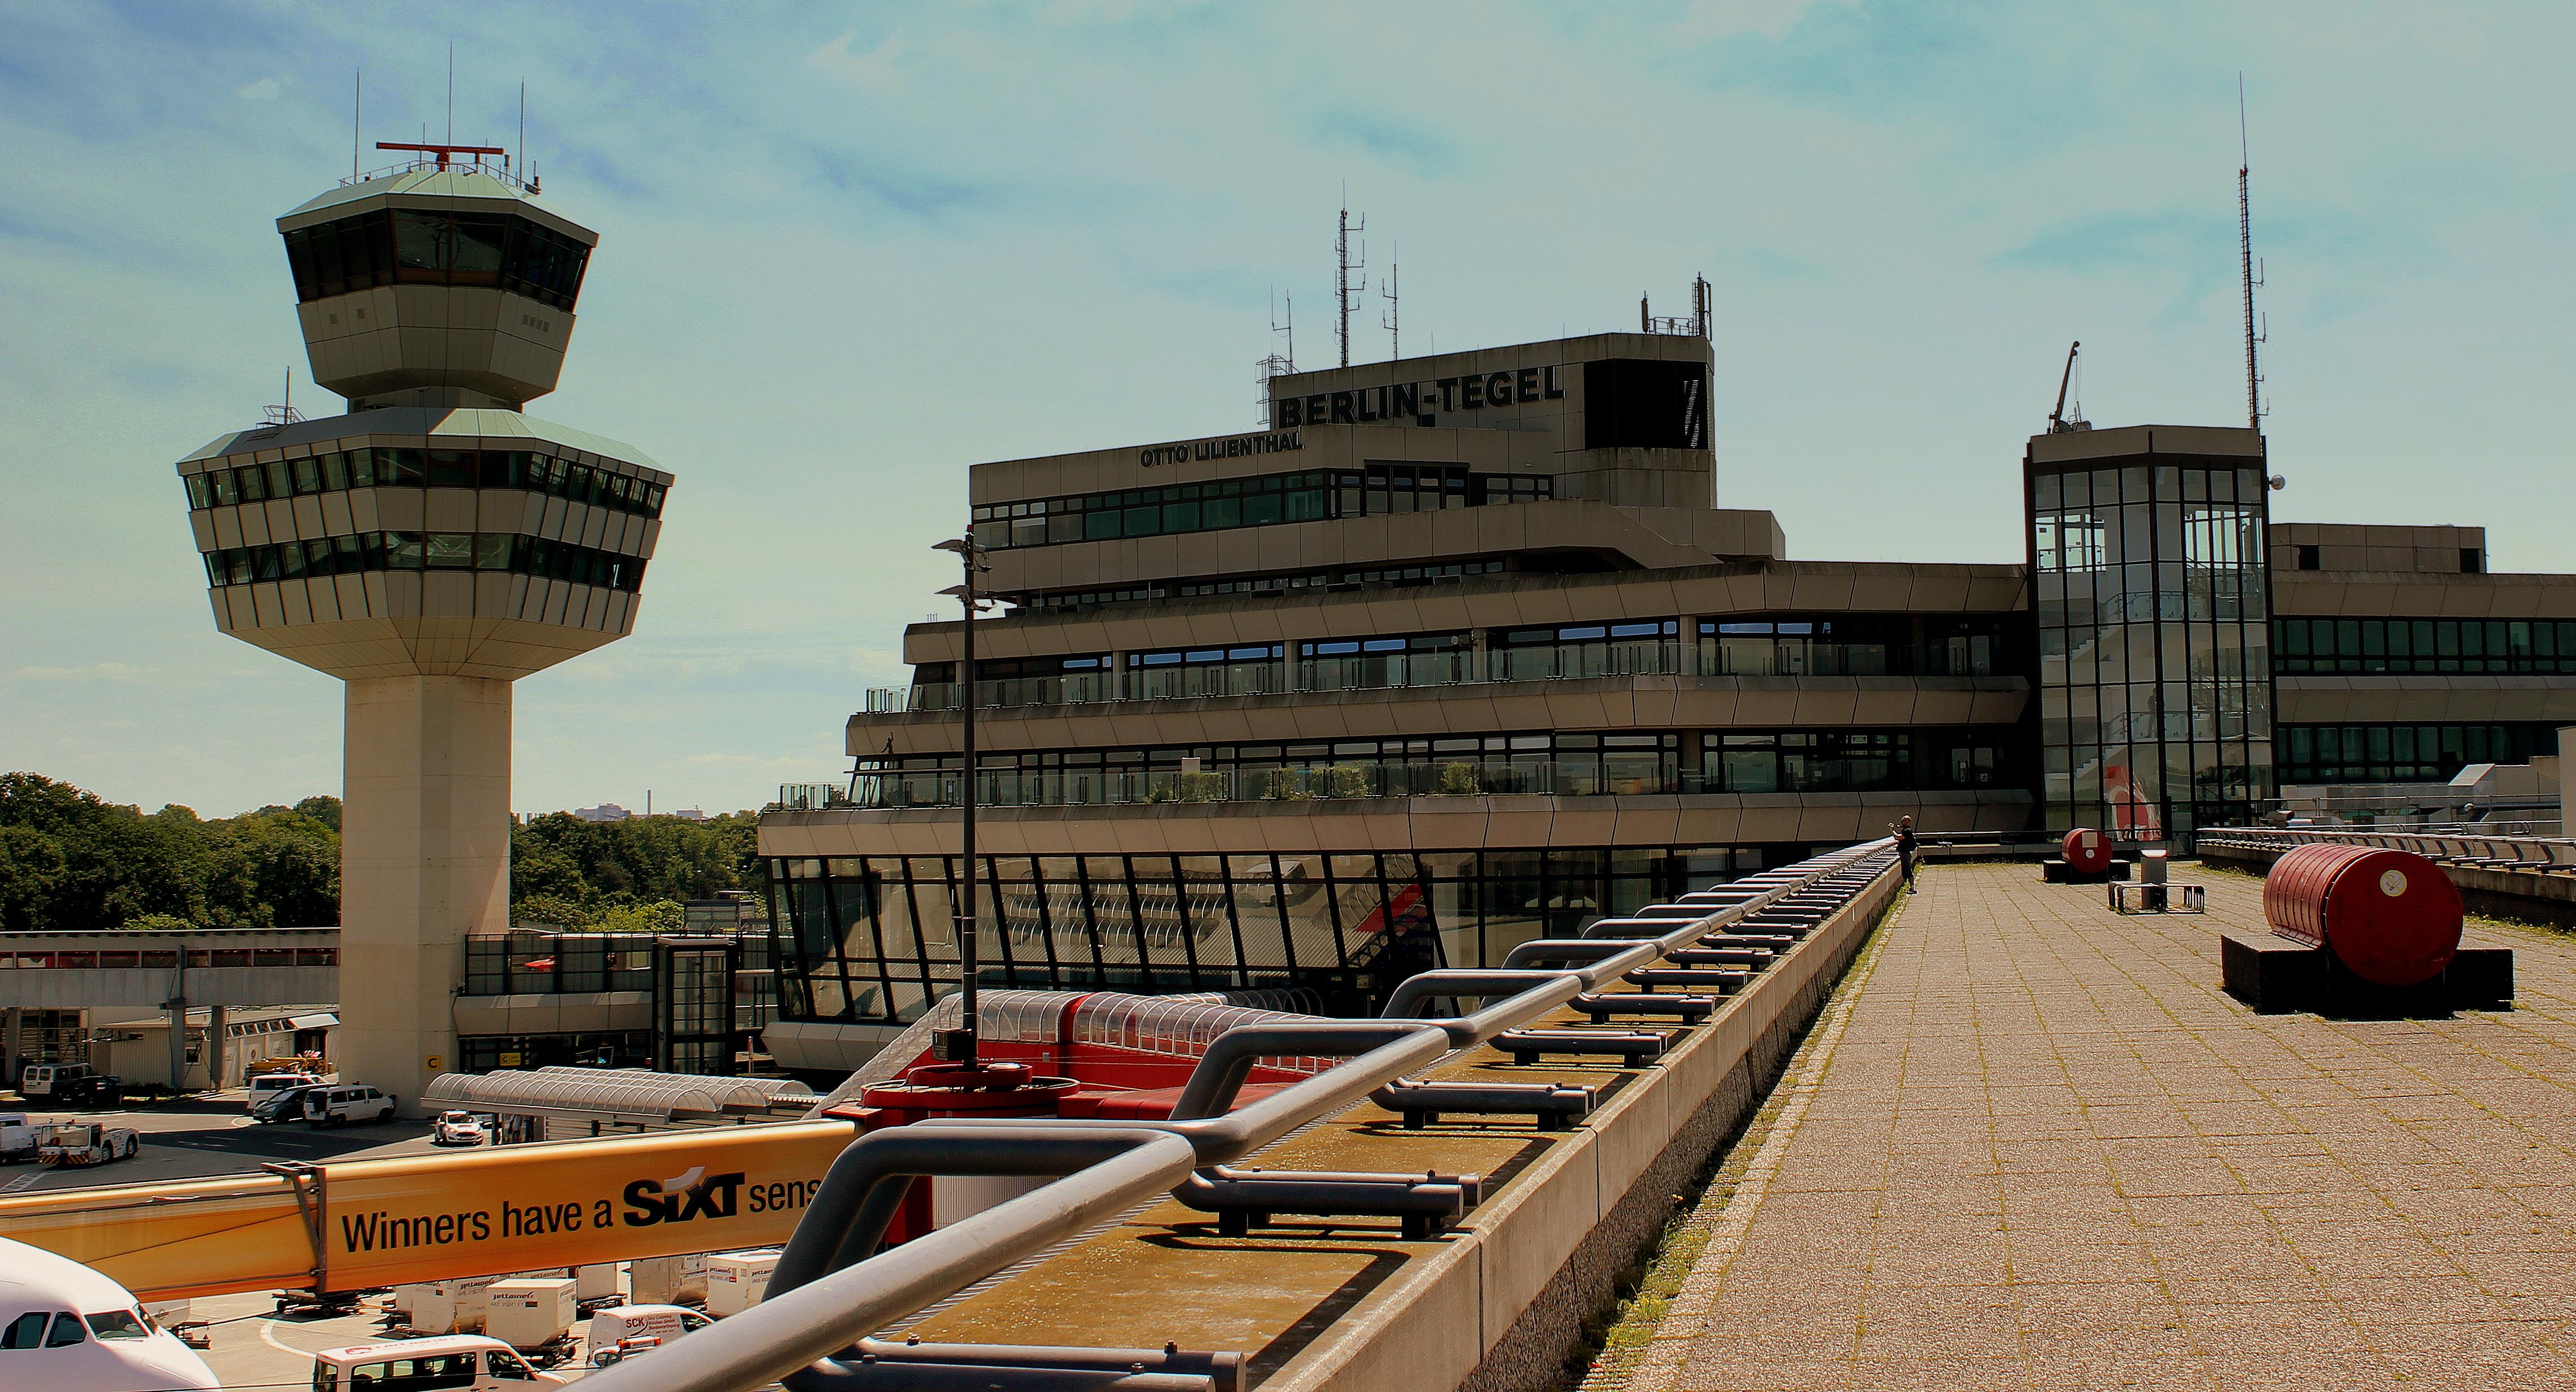 Berlin tegel airport for Flughafen tegel